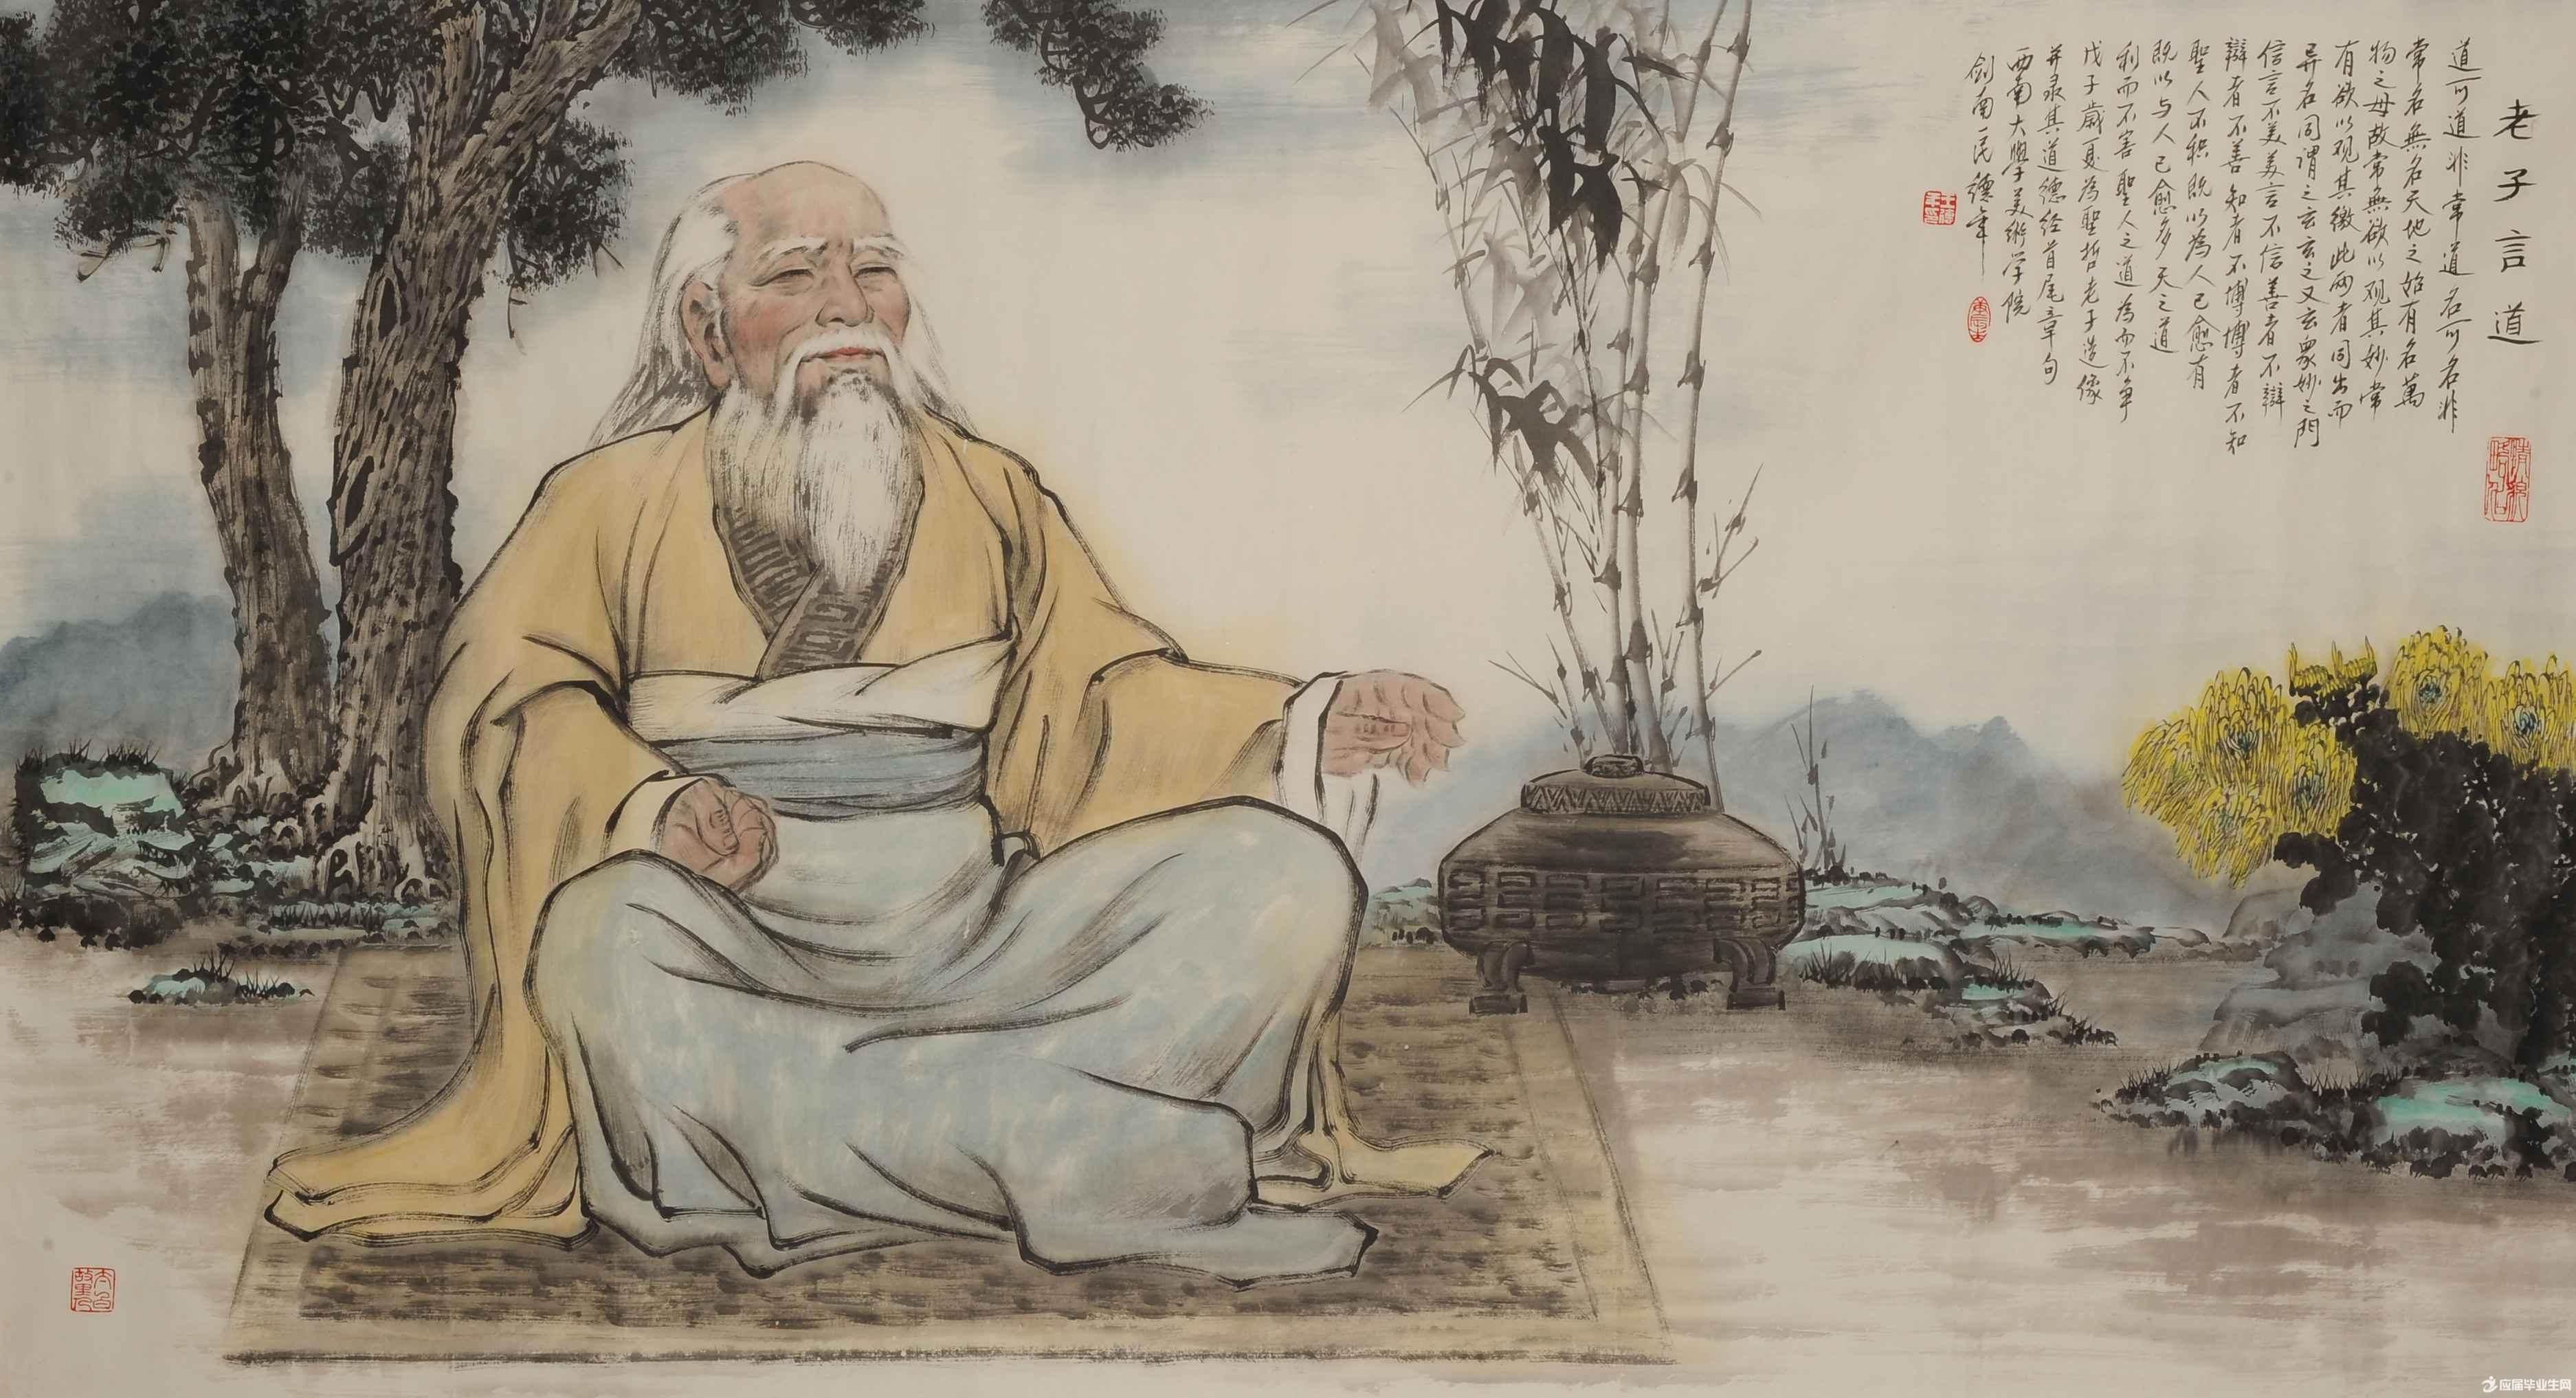 从老子到老君 走向最高神殿的道德天尊